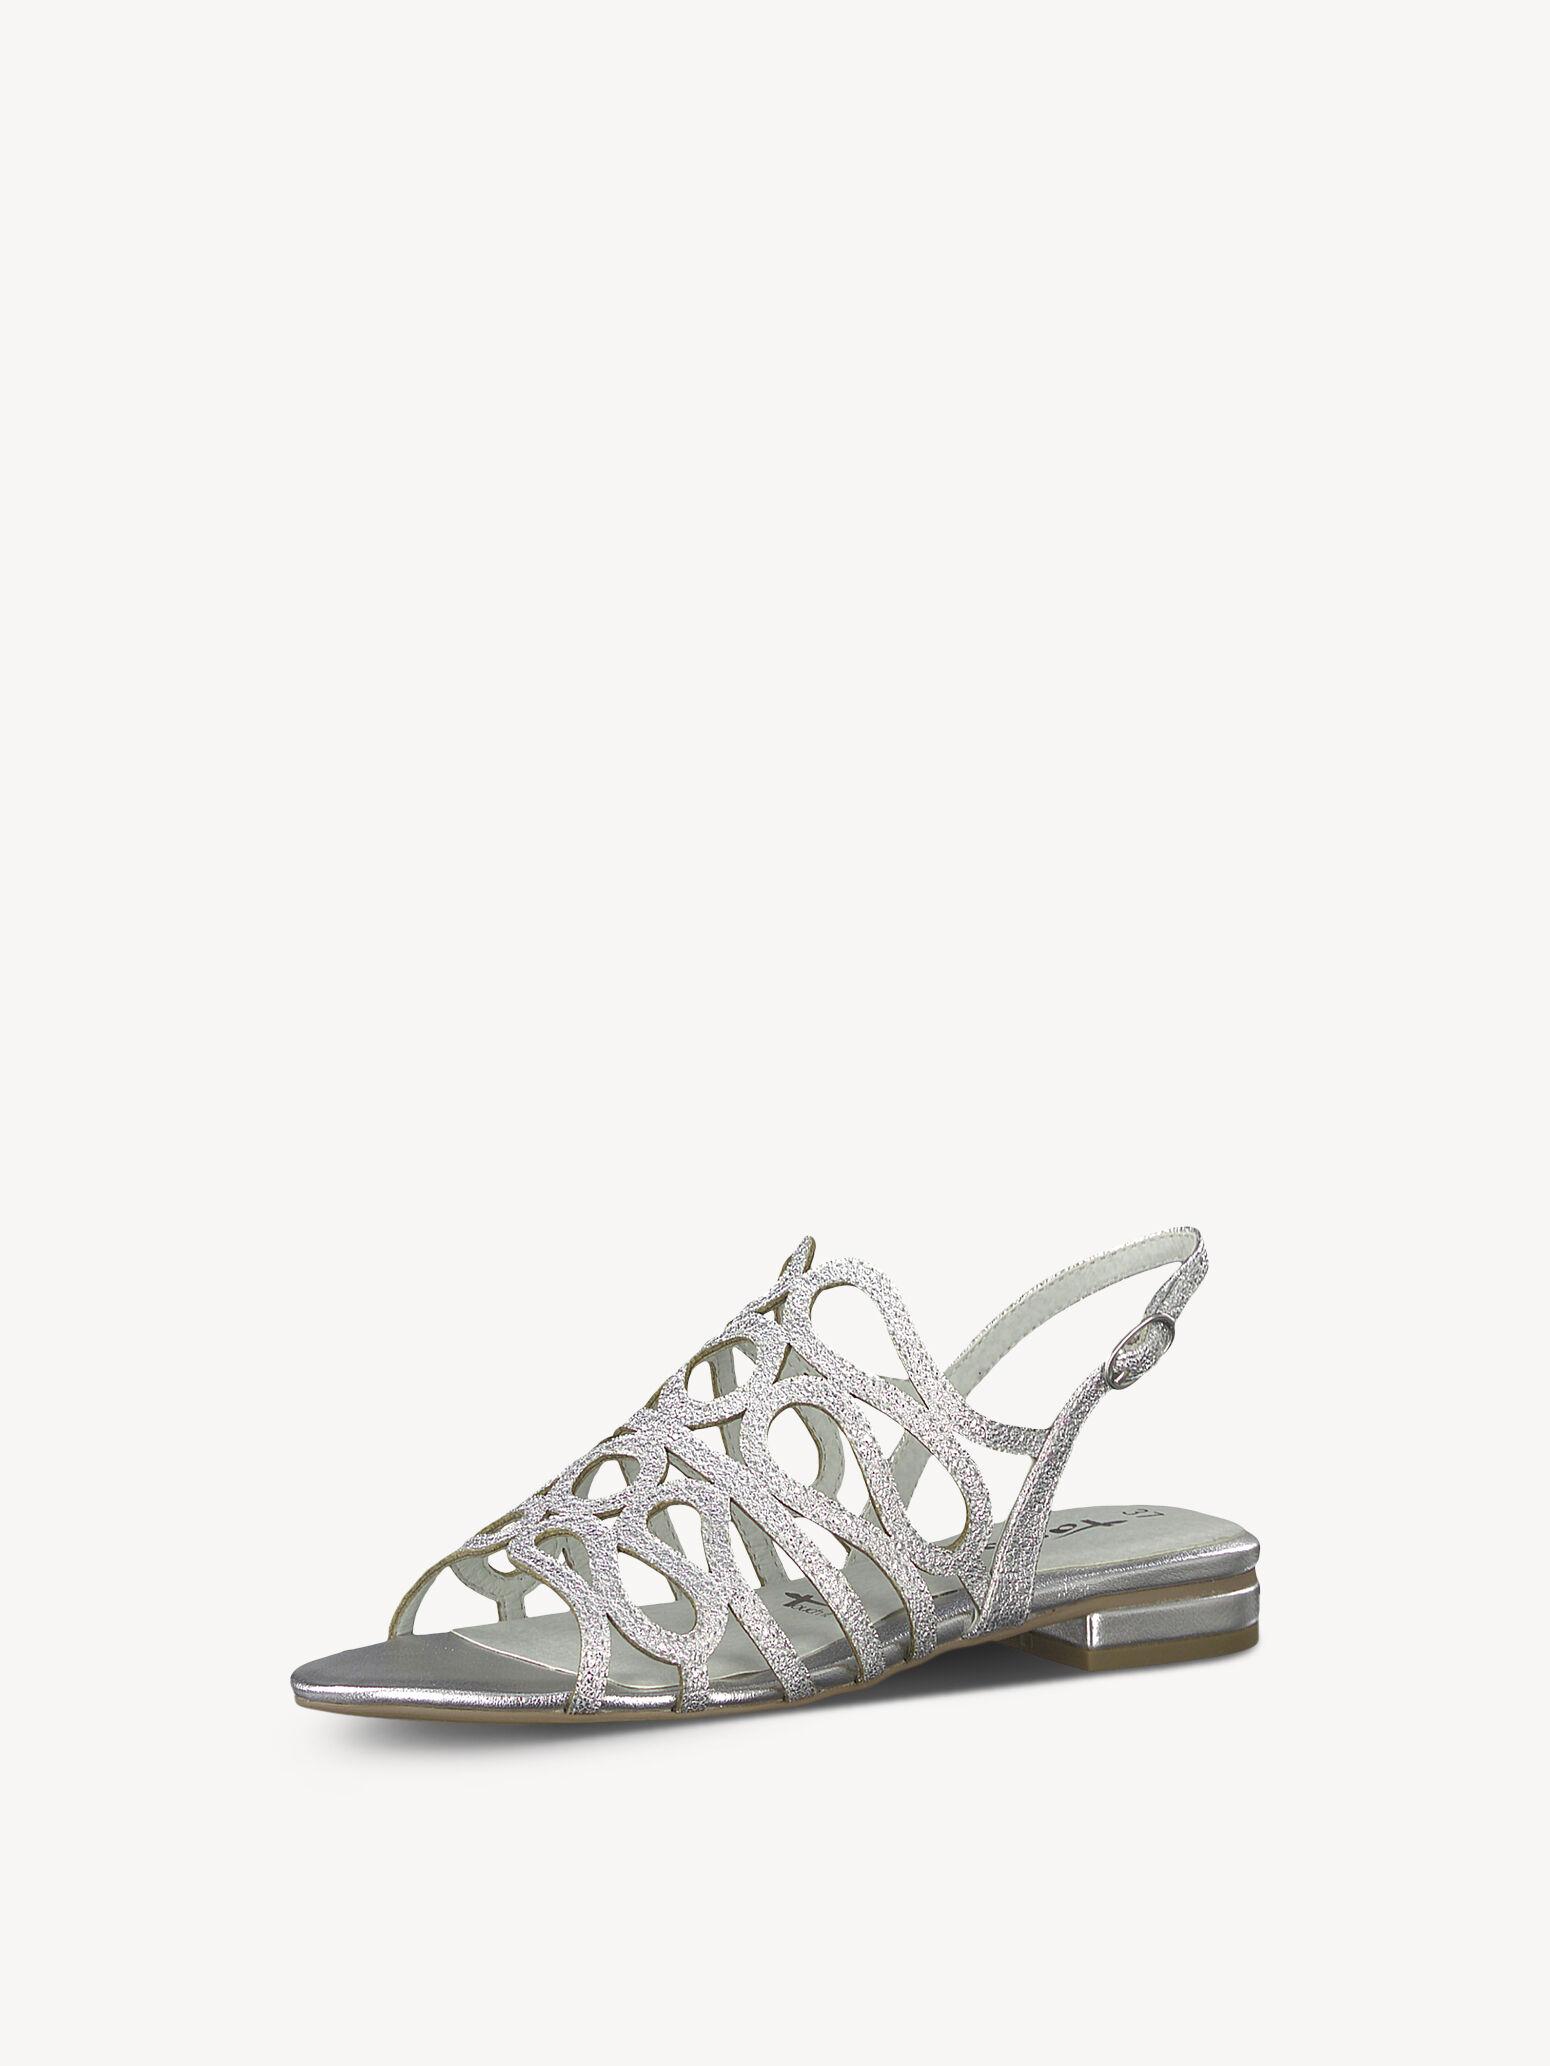 Achetez maintenant les Sandales de Tamaris !